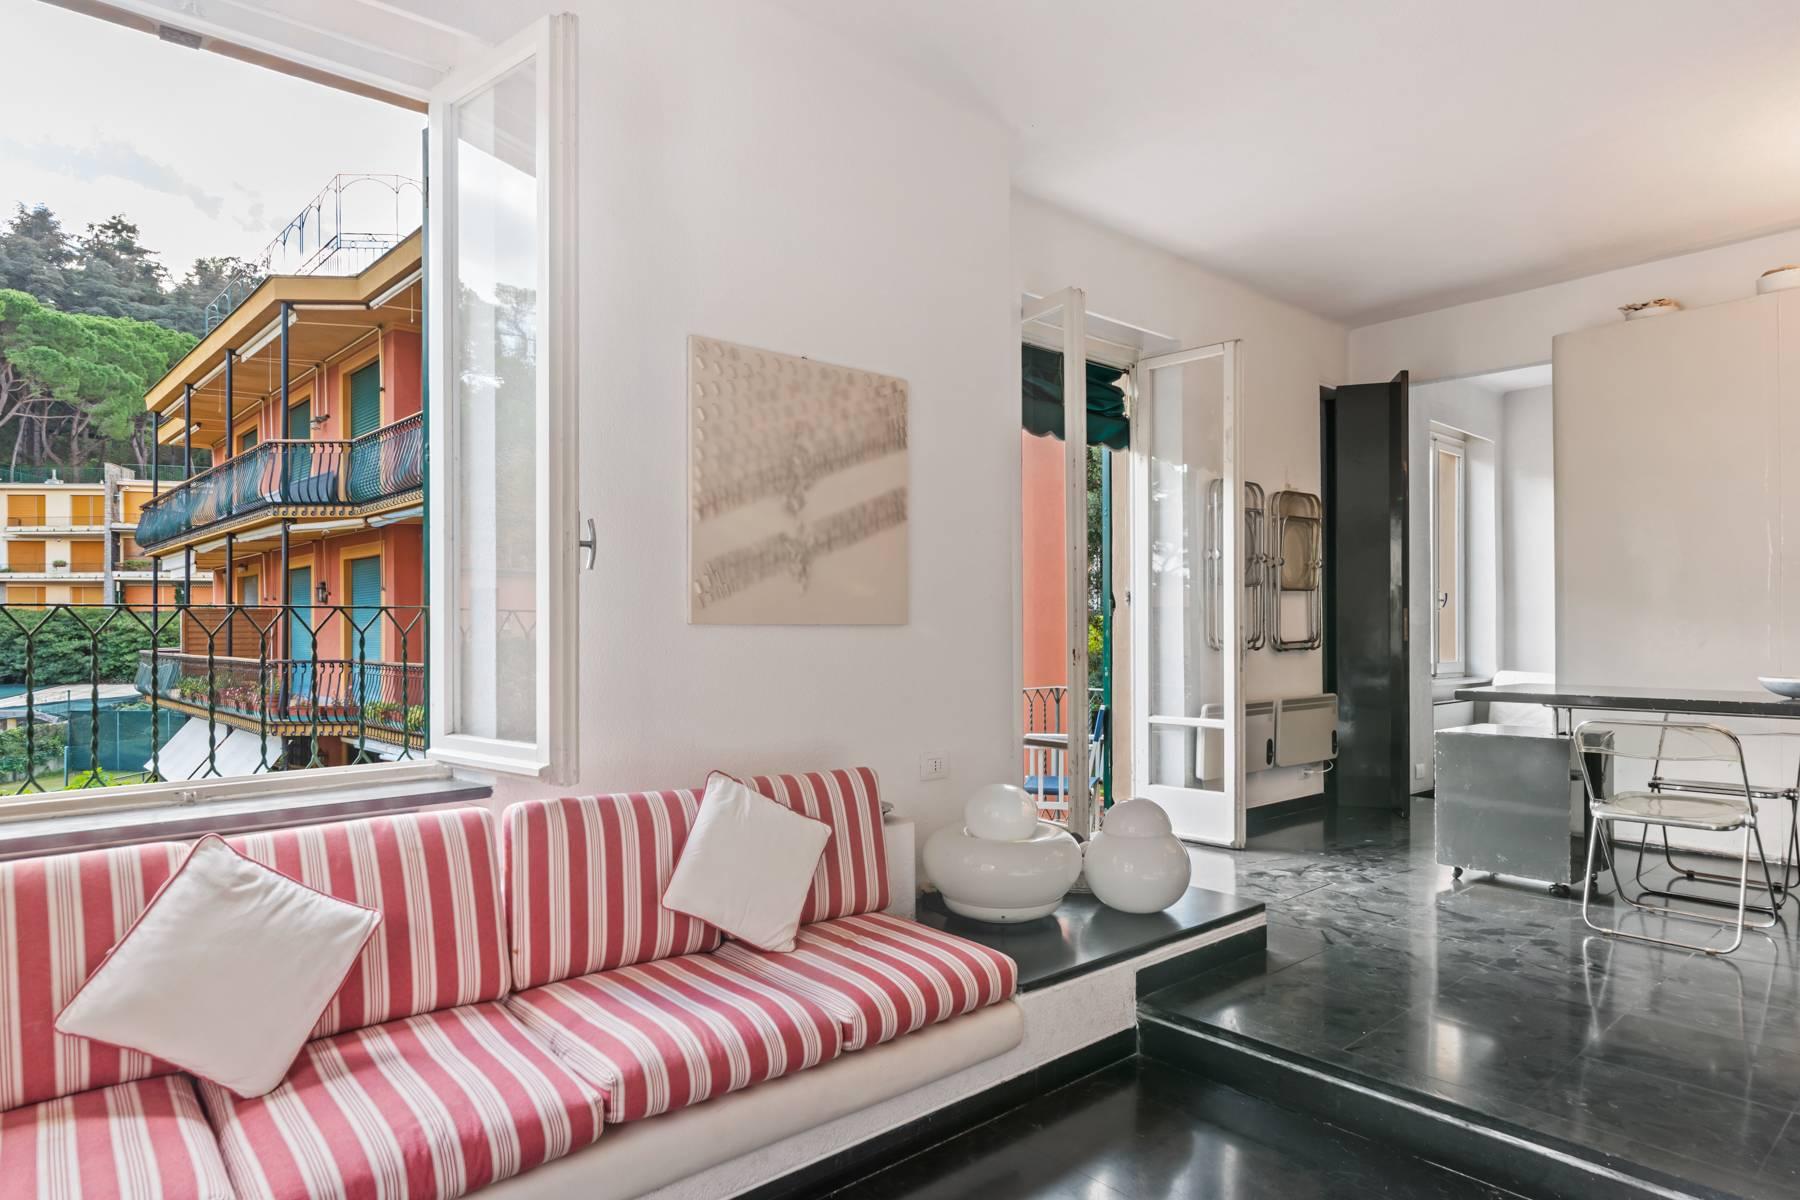 Appartamento in Vendita a Santa Margherita Ligure: 5 locali, 120 mq - Foto 7